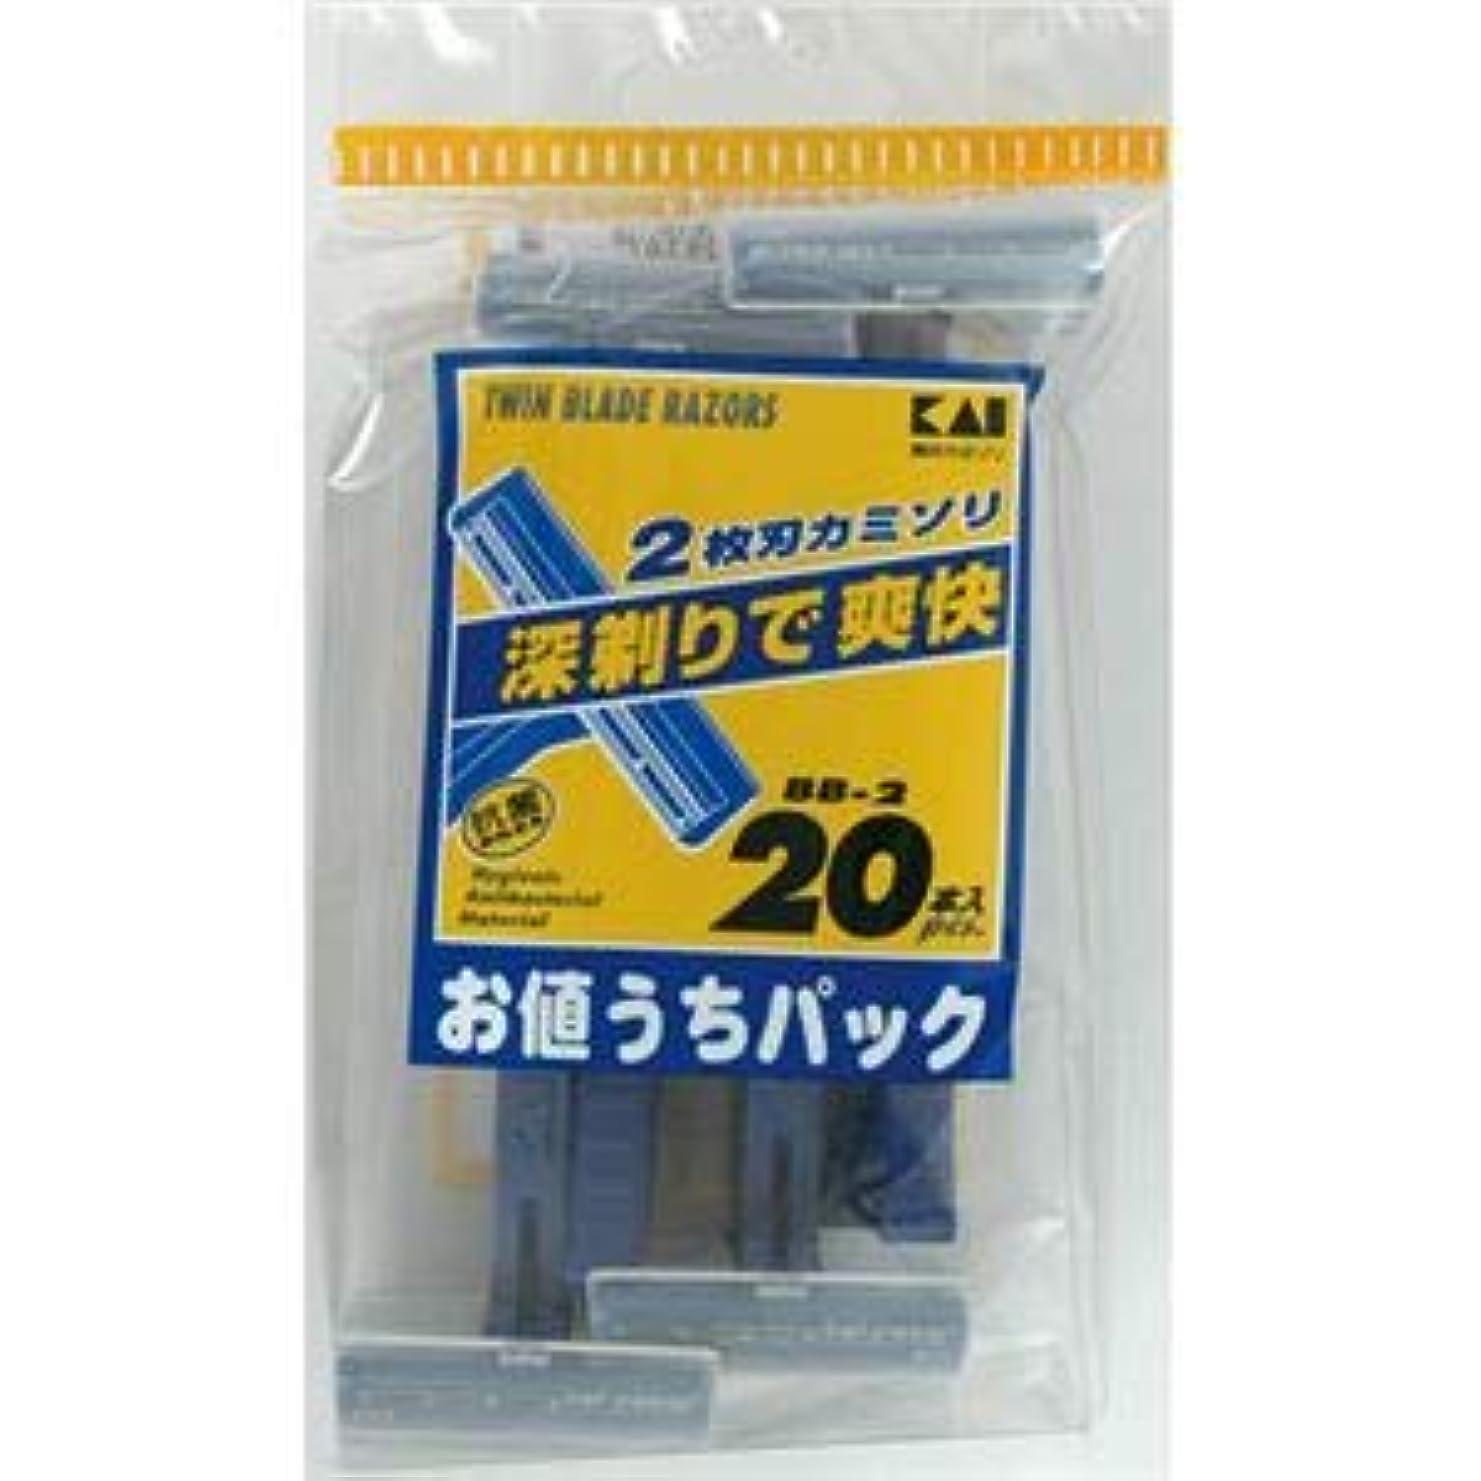 自殺弱いある(業務用20セット) 貝印 BB-2 2枚刃カミソリ 20本